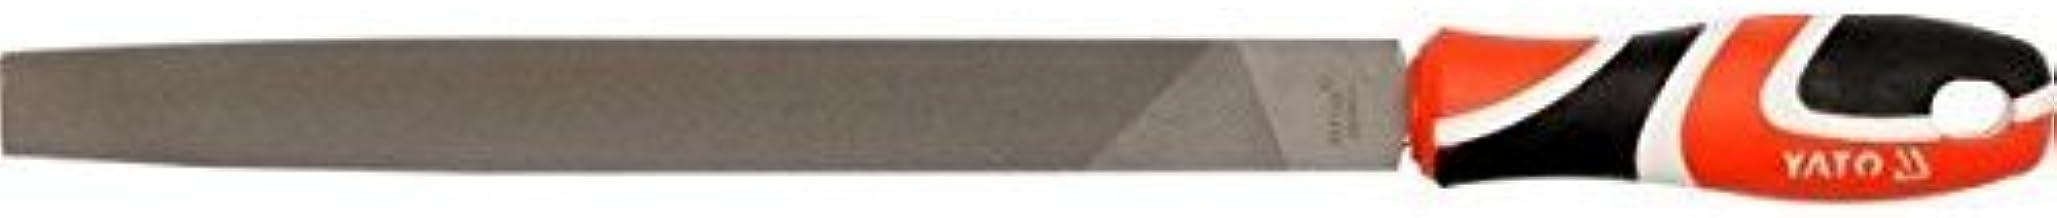 مبرد صلب مسطح من ياتو YT-6228 ، طول 250 ملم